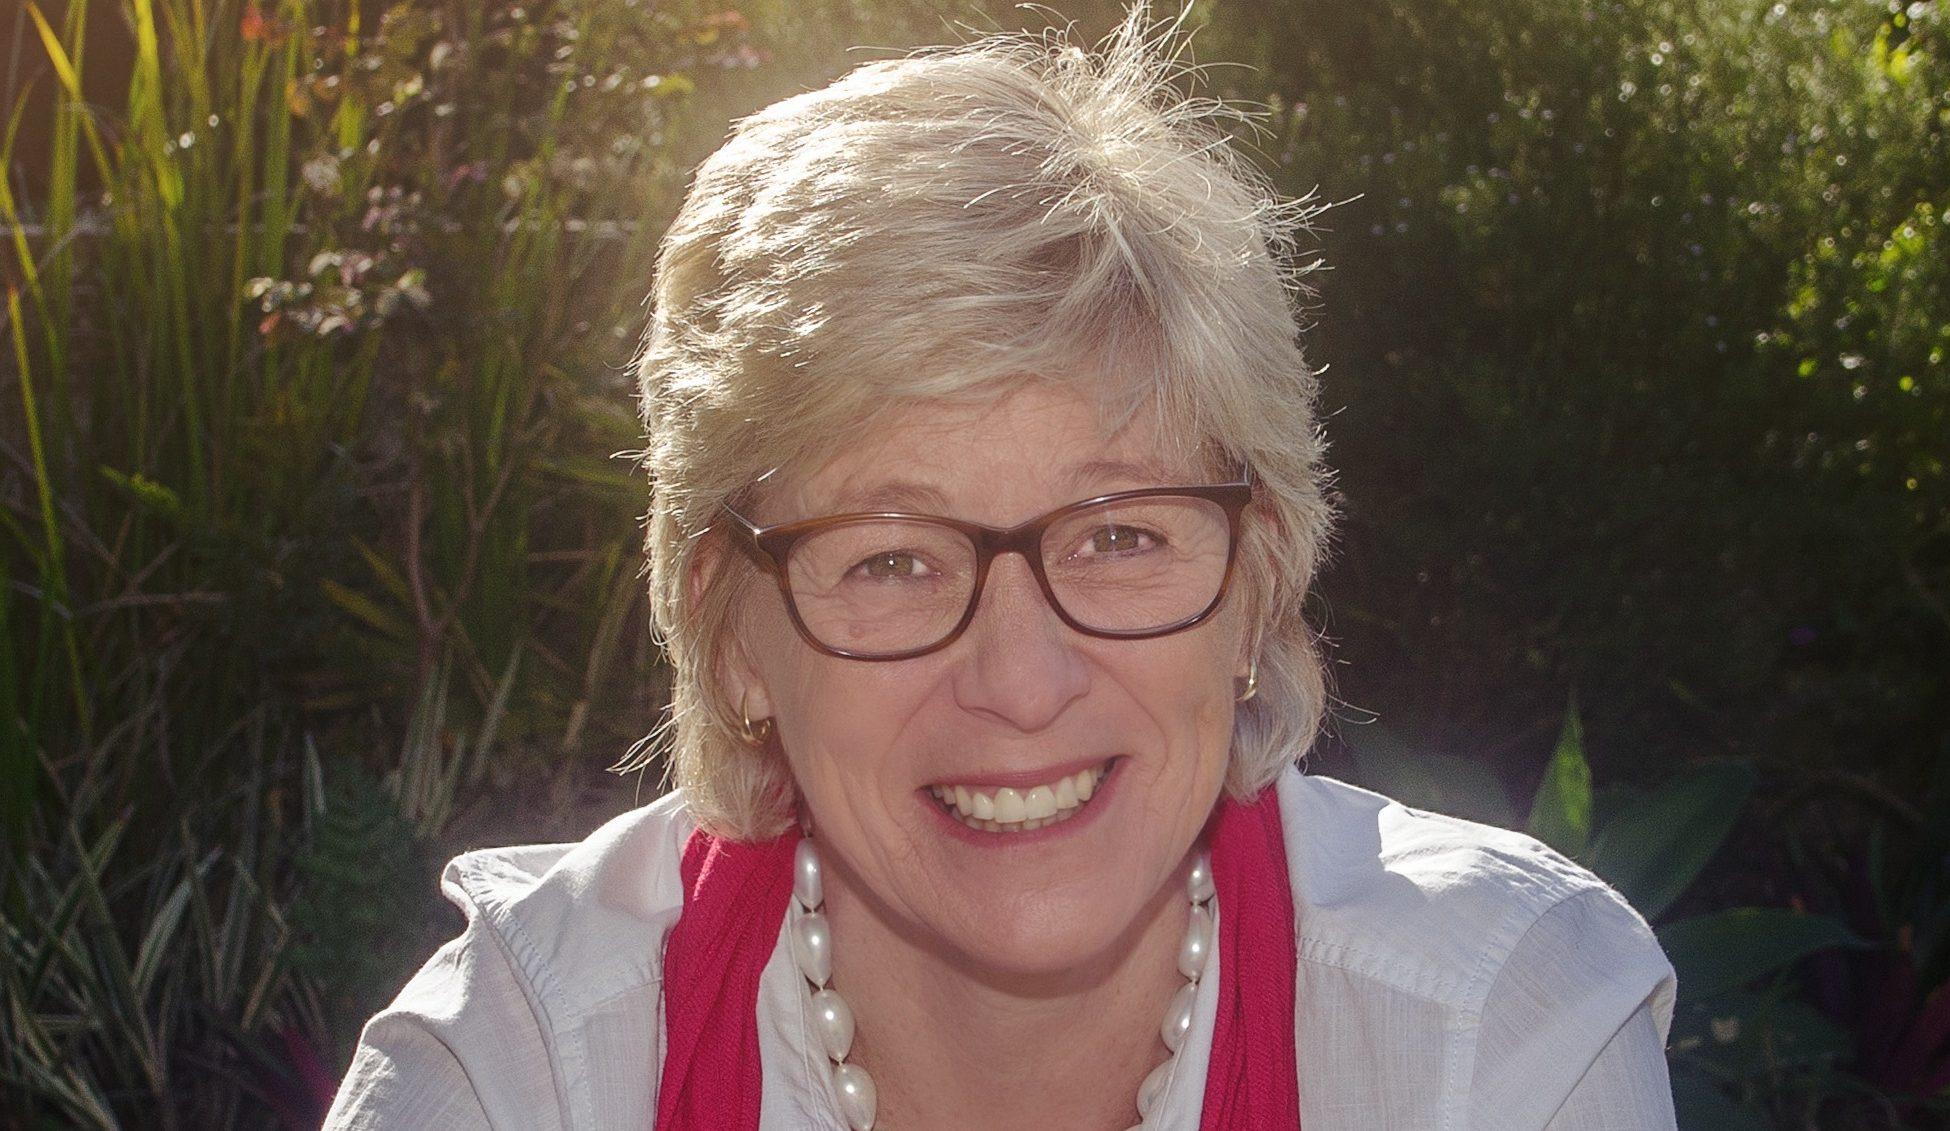 Heather McEwan